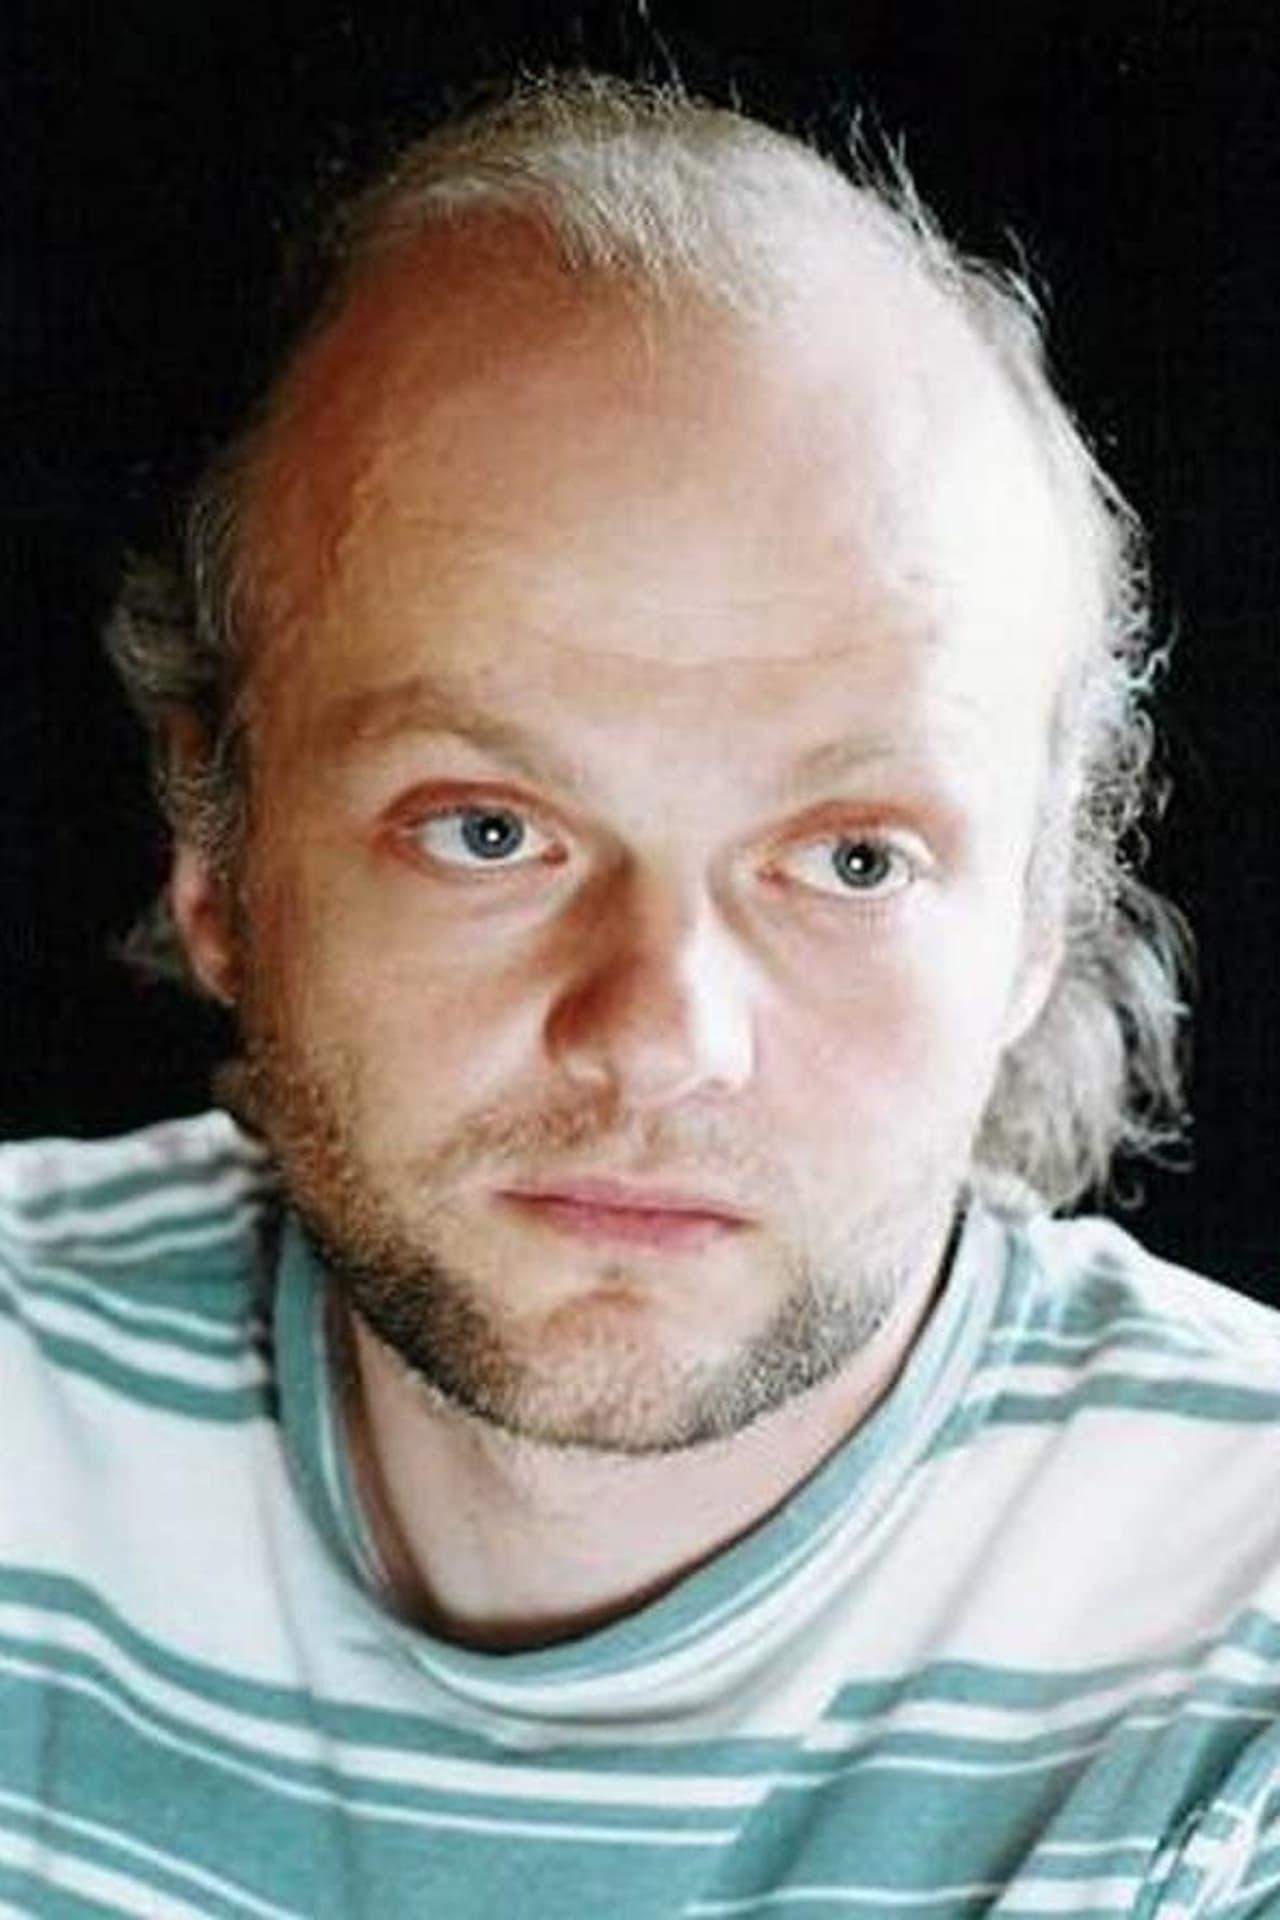 Sergey Barkovsky is